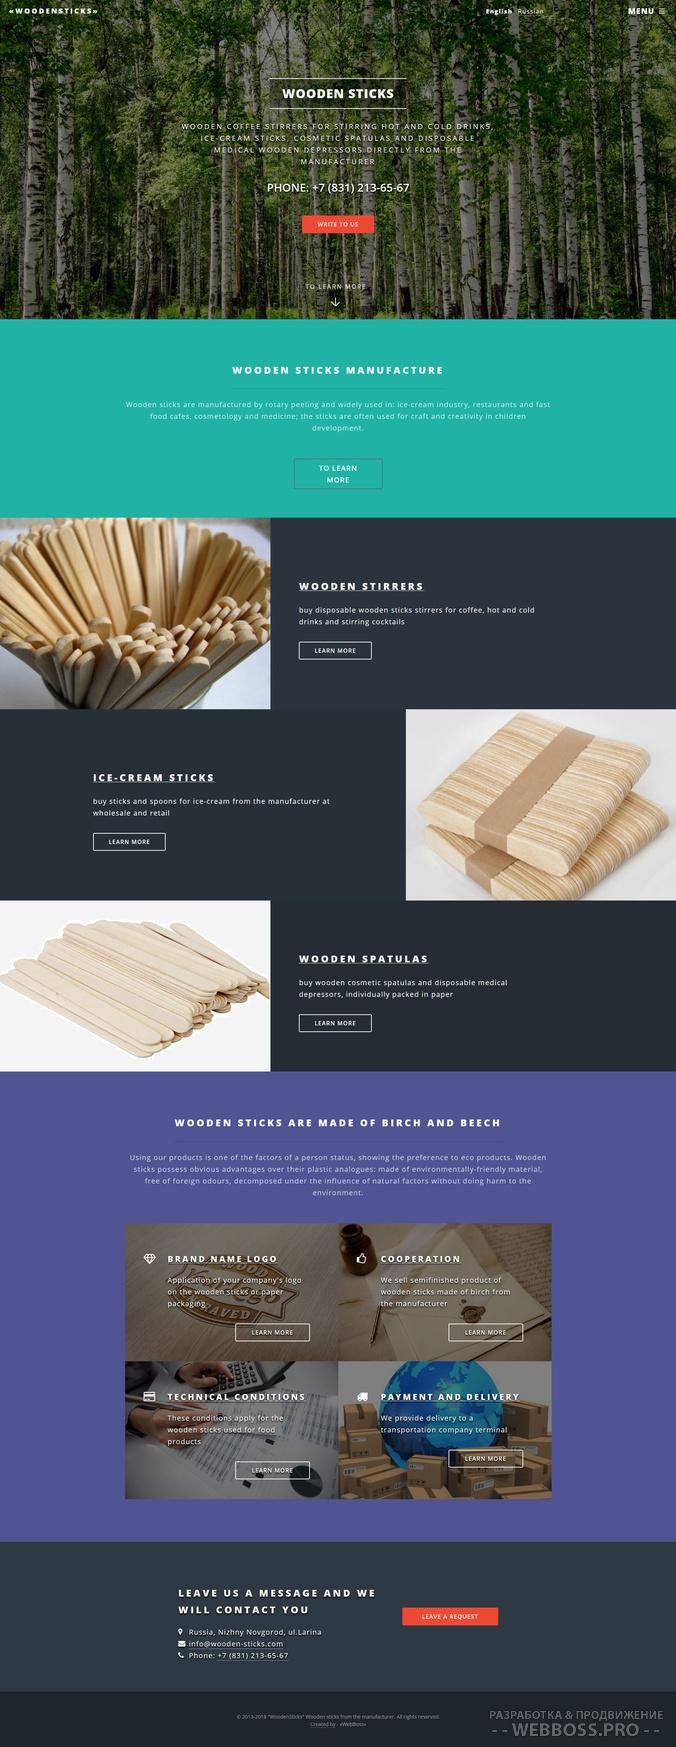 Создание сайта: Сайт производителя палочек (после)